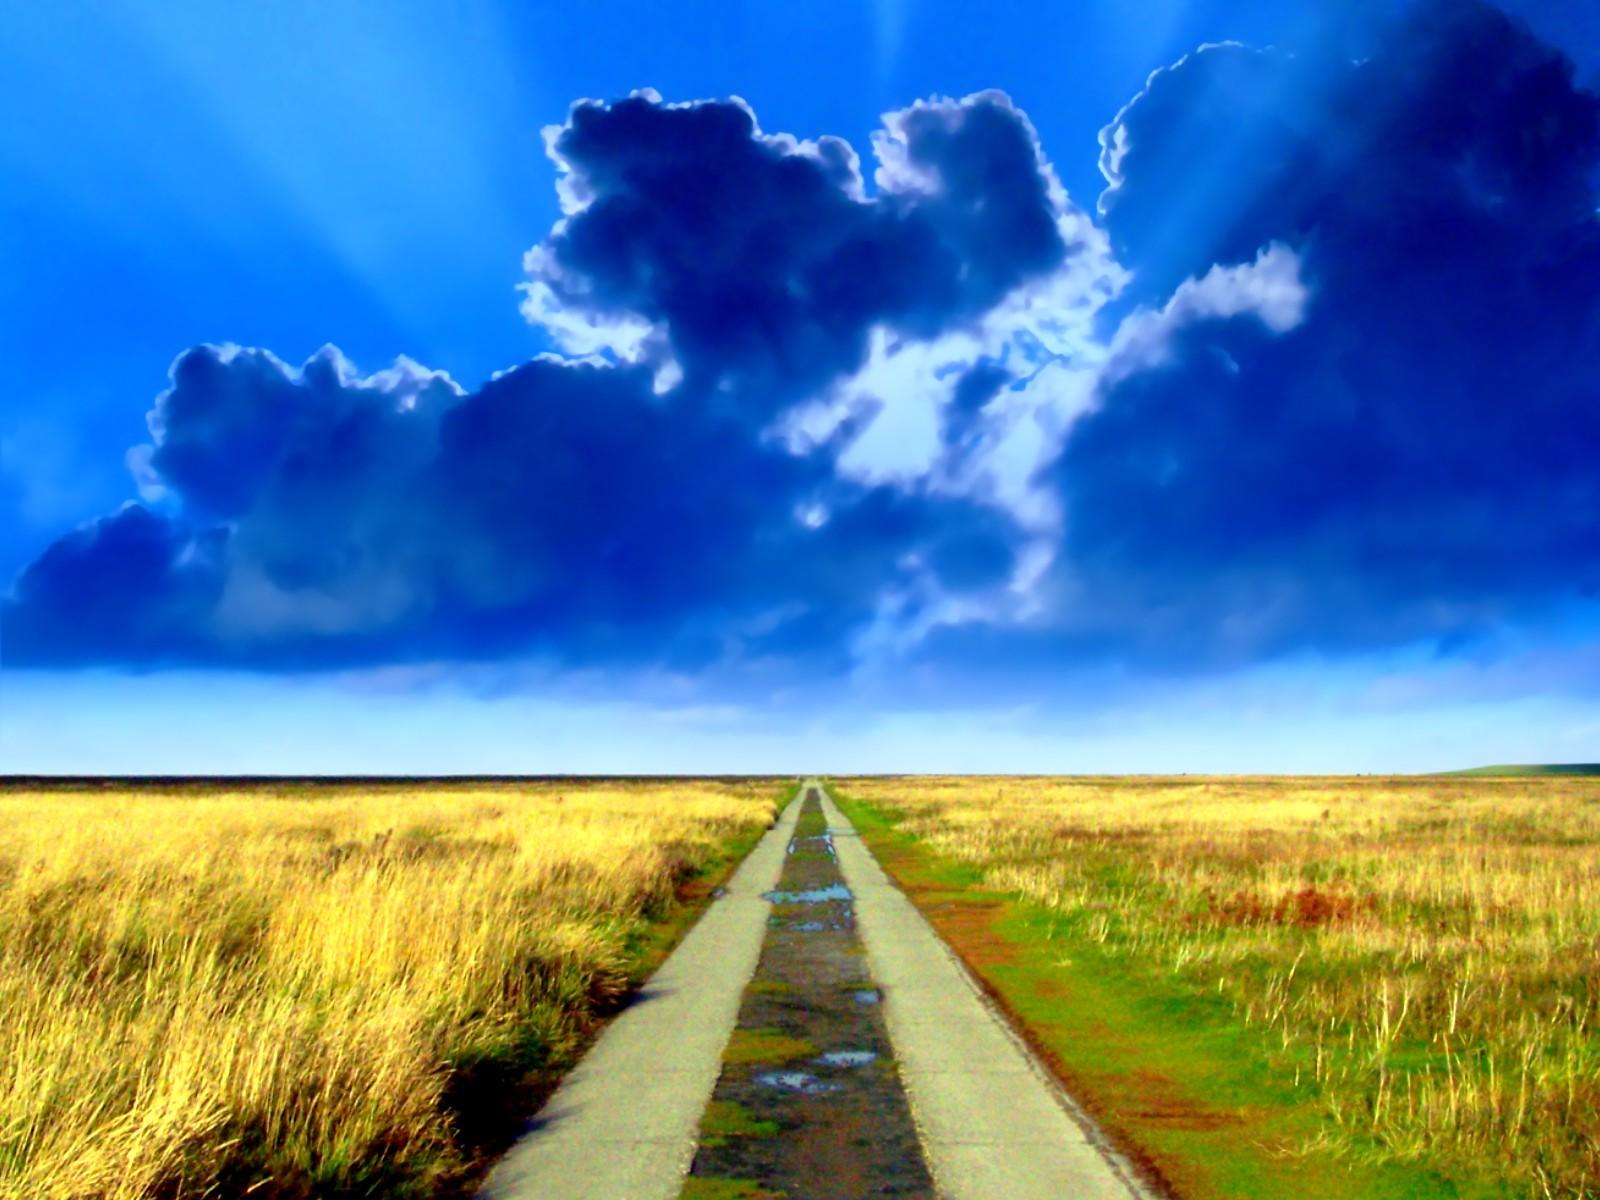 сельская грунтовая дорога, скачать фото, красивое синее небо, обои для рабочего стола